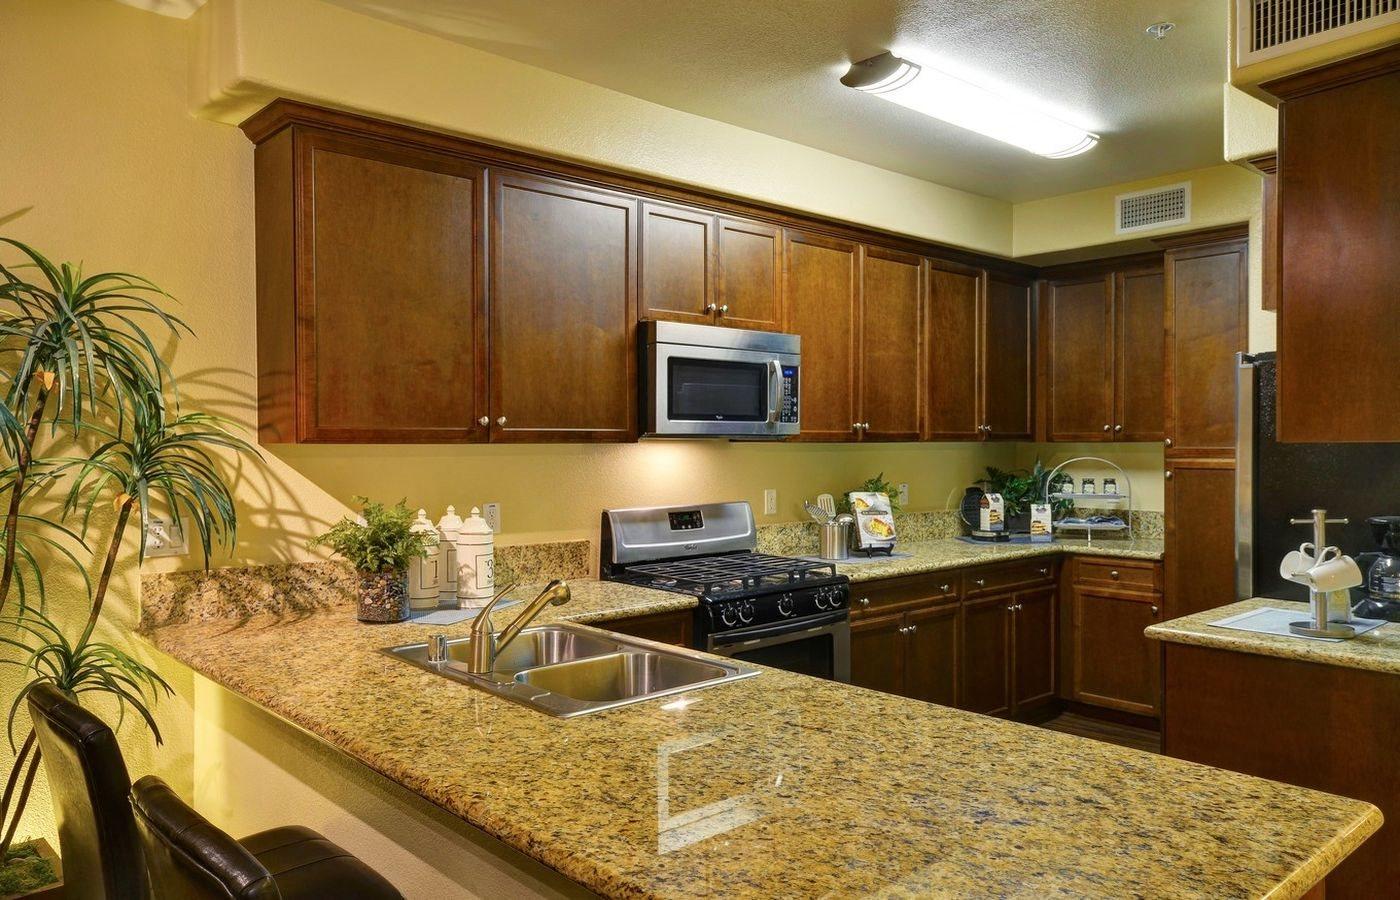 Natural Wood Cabinets and Pantry, at Rosina Vista, CA, 91913